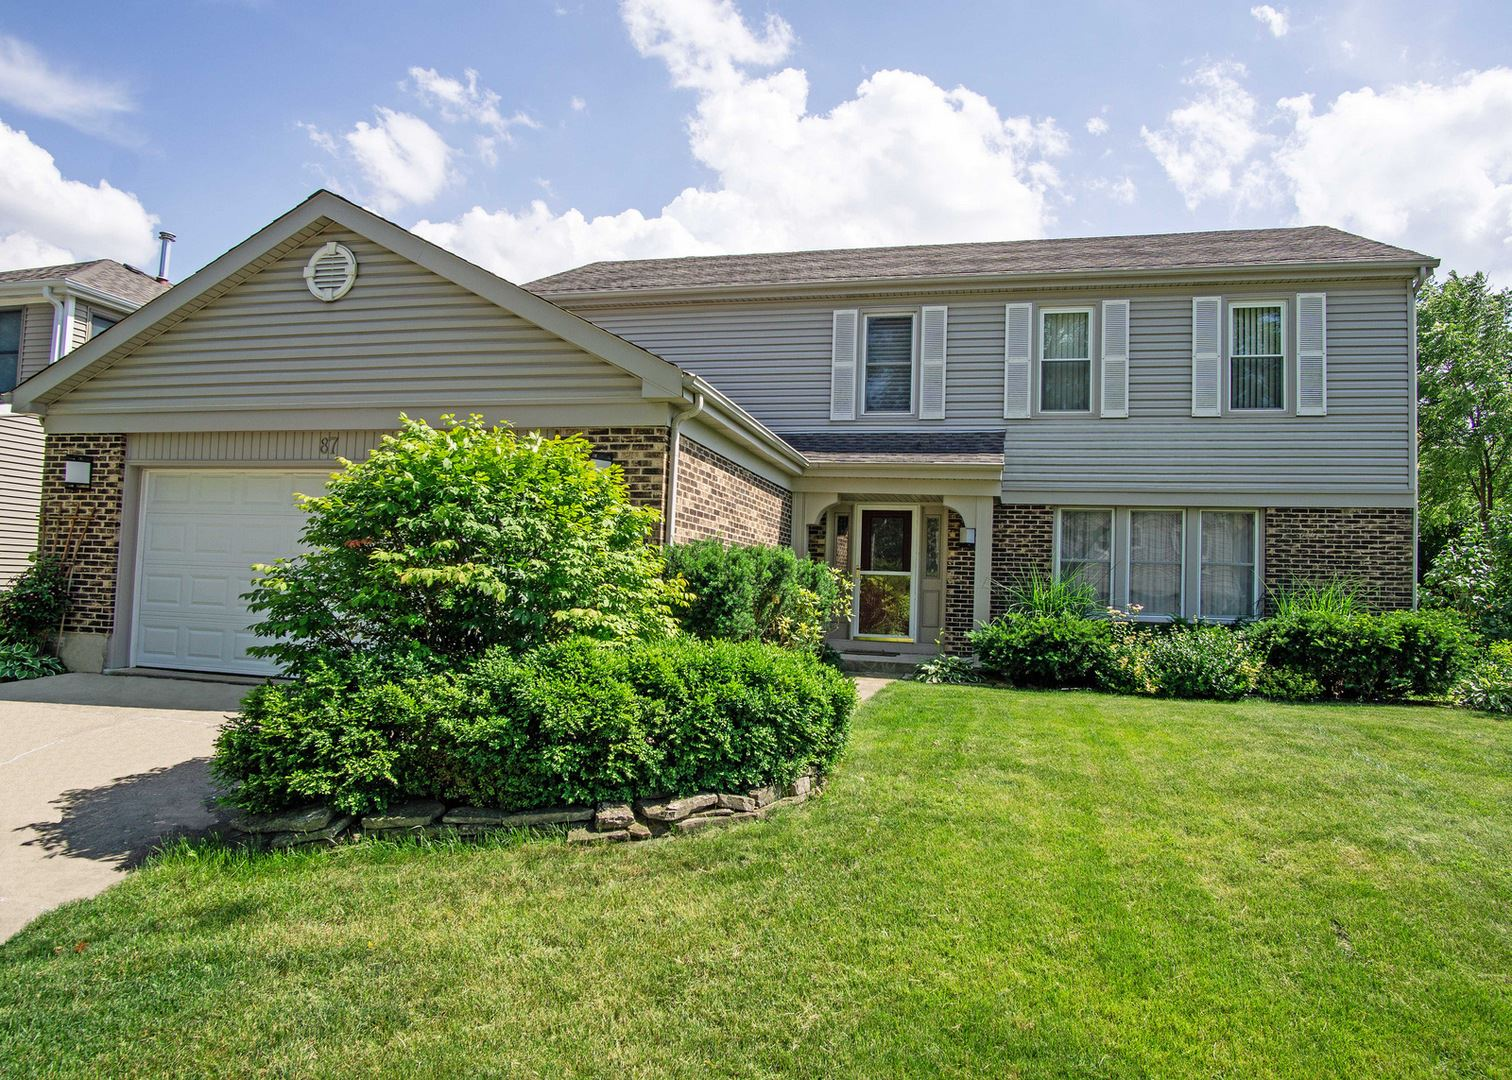 87 E Fox Hill Drive, Buffalo Grove, IL 60089 - #: 11071252